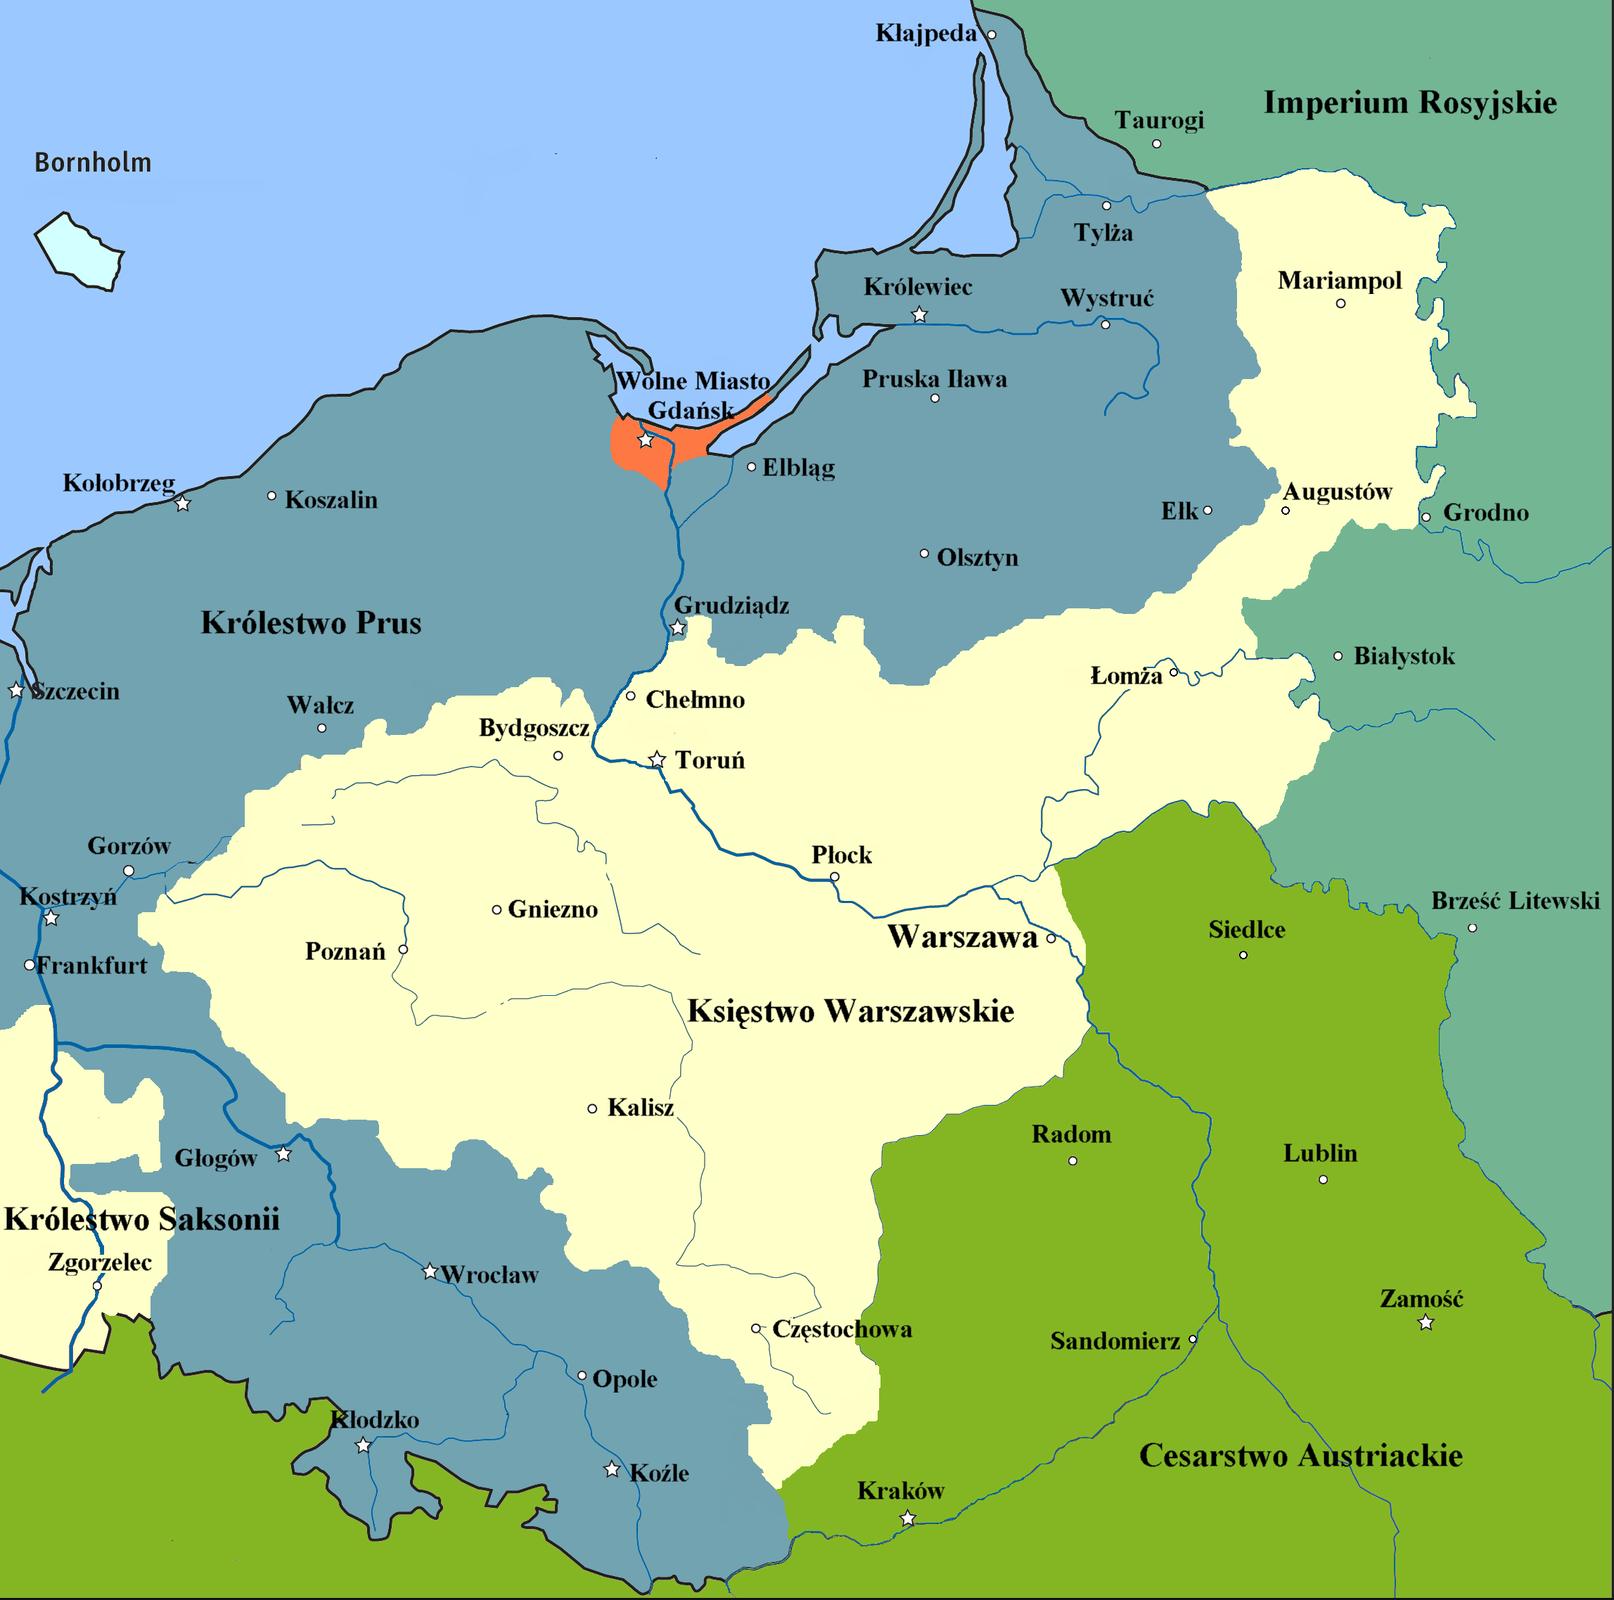 mapaKsięstwo Warszawskie 1807-1809